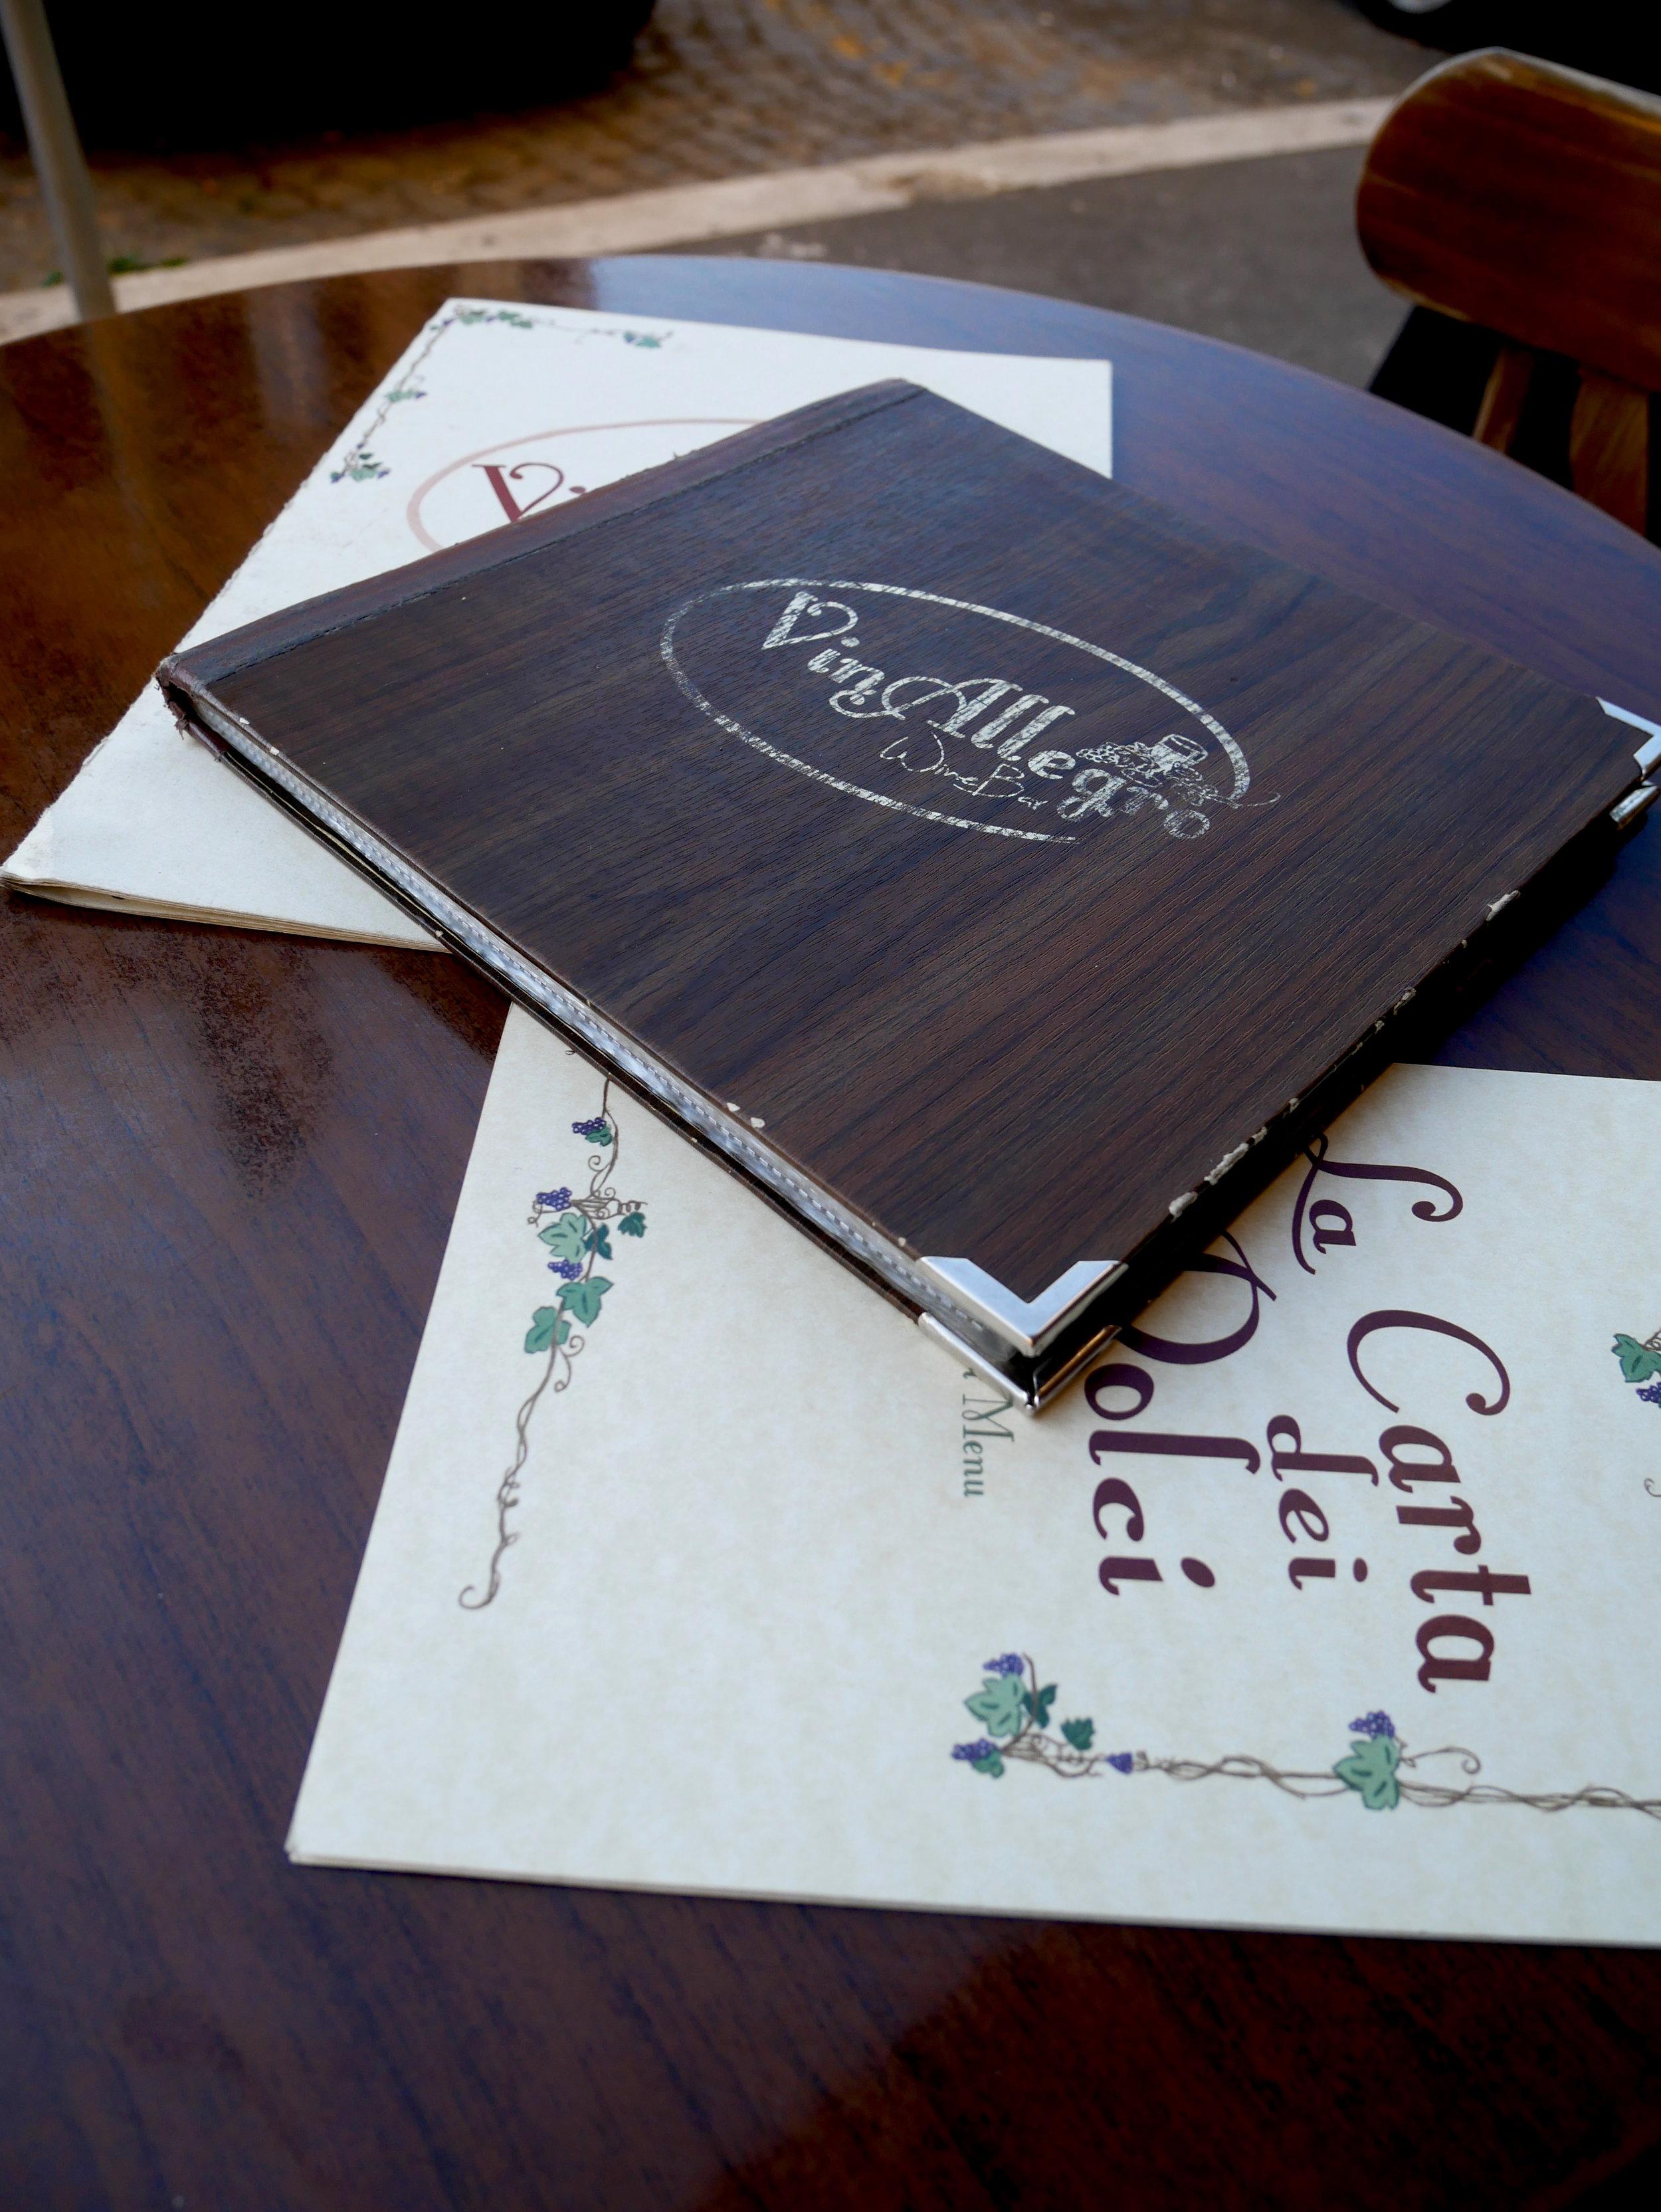 VinAllegro Trasteveressa tarjoili maukkaan lounaan terassilla